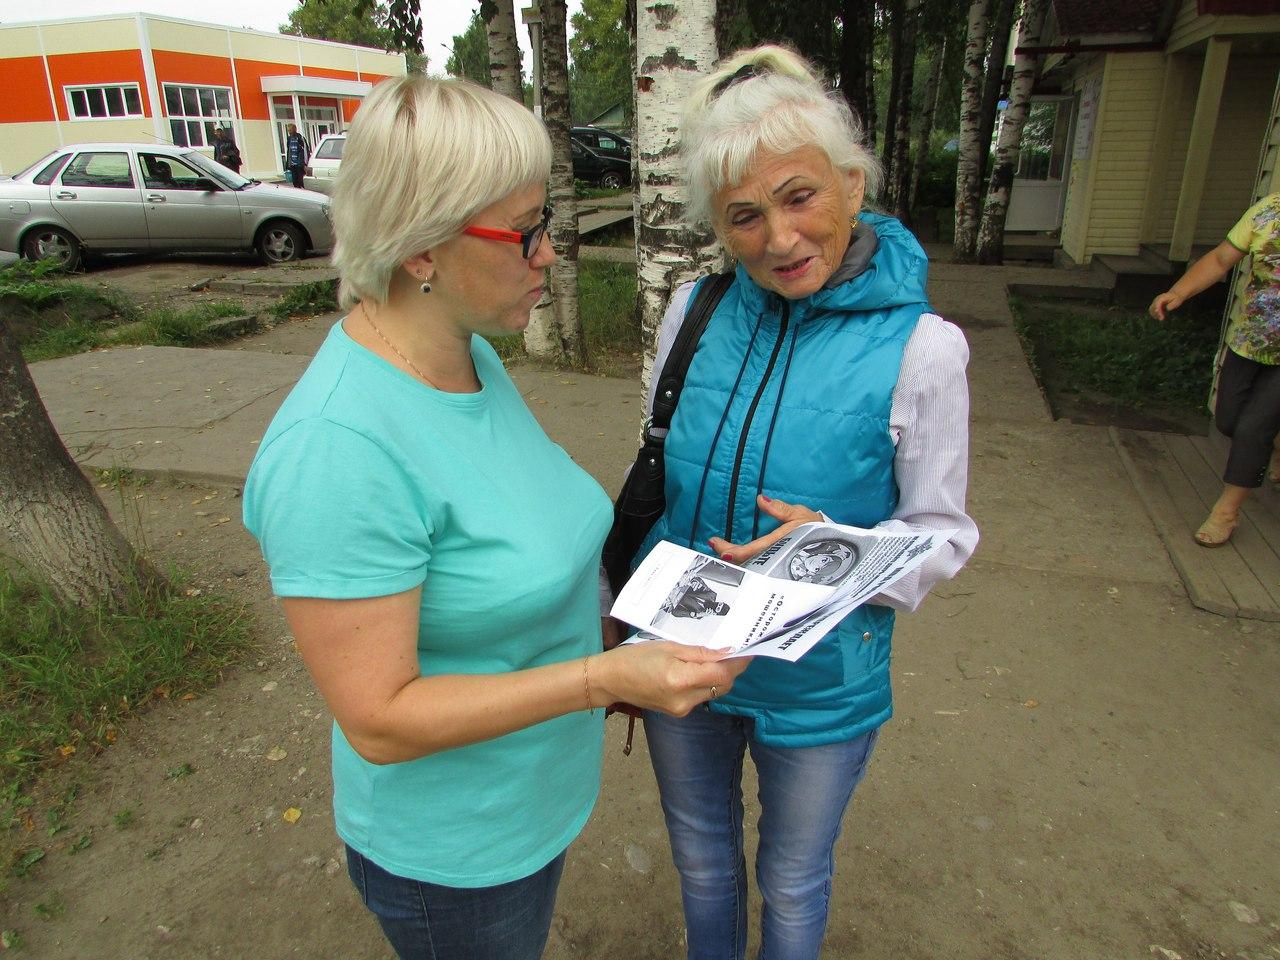 Год добрых дел в Коми: работники соцзащиты проводят благотворительные акции по всей республике